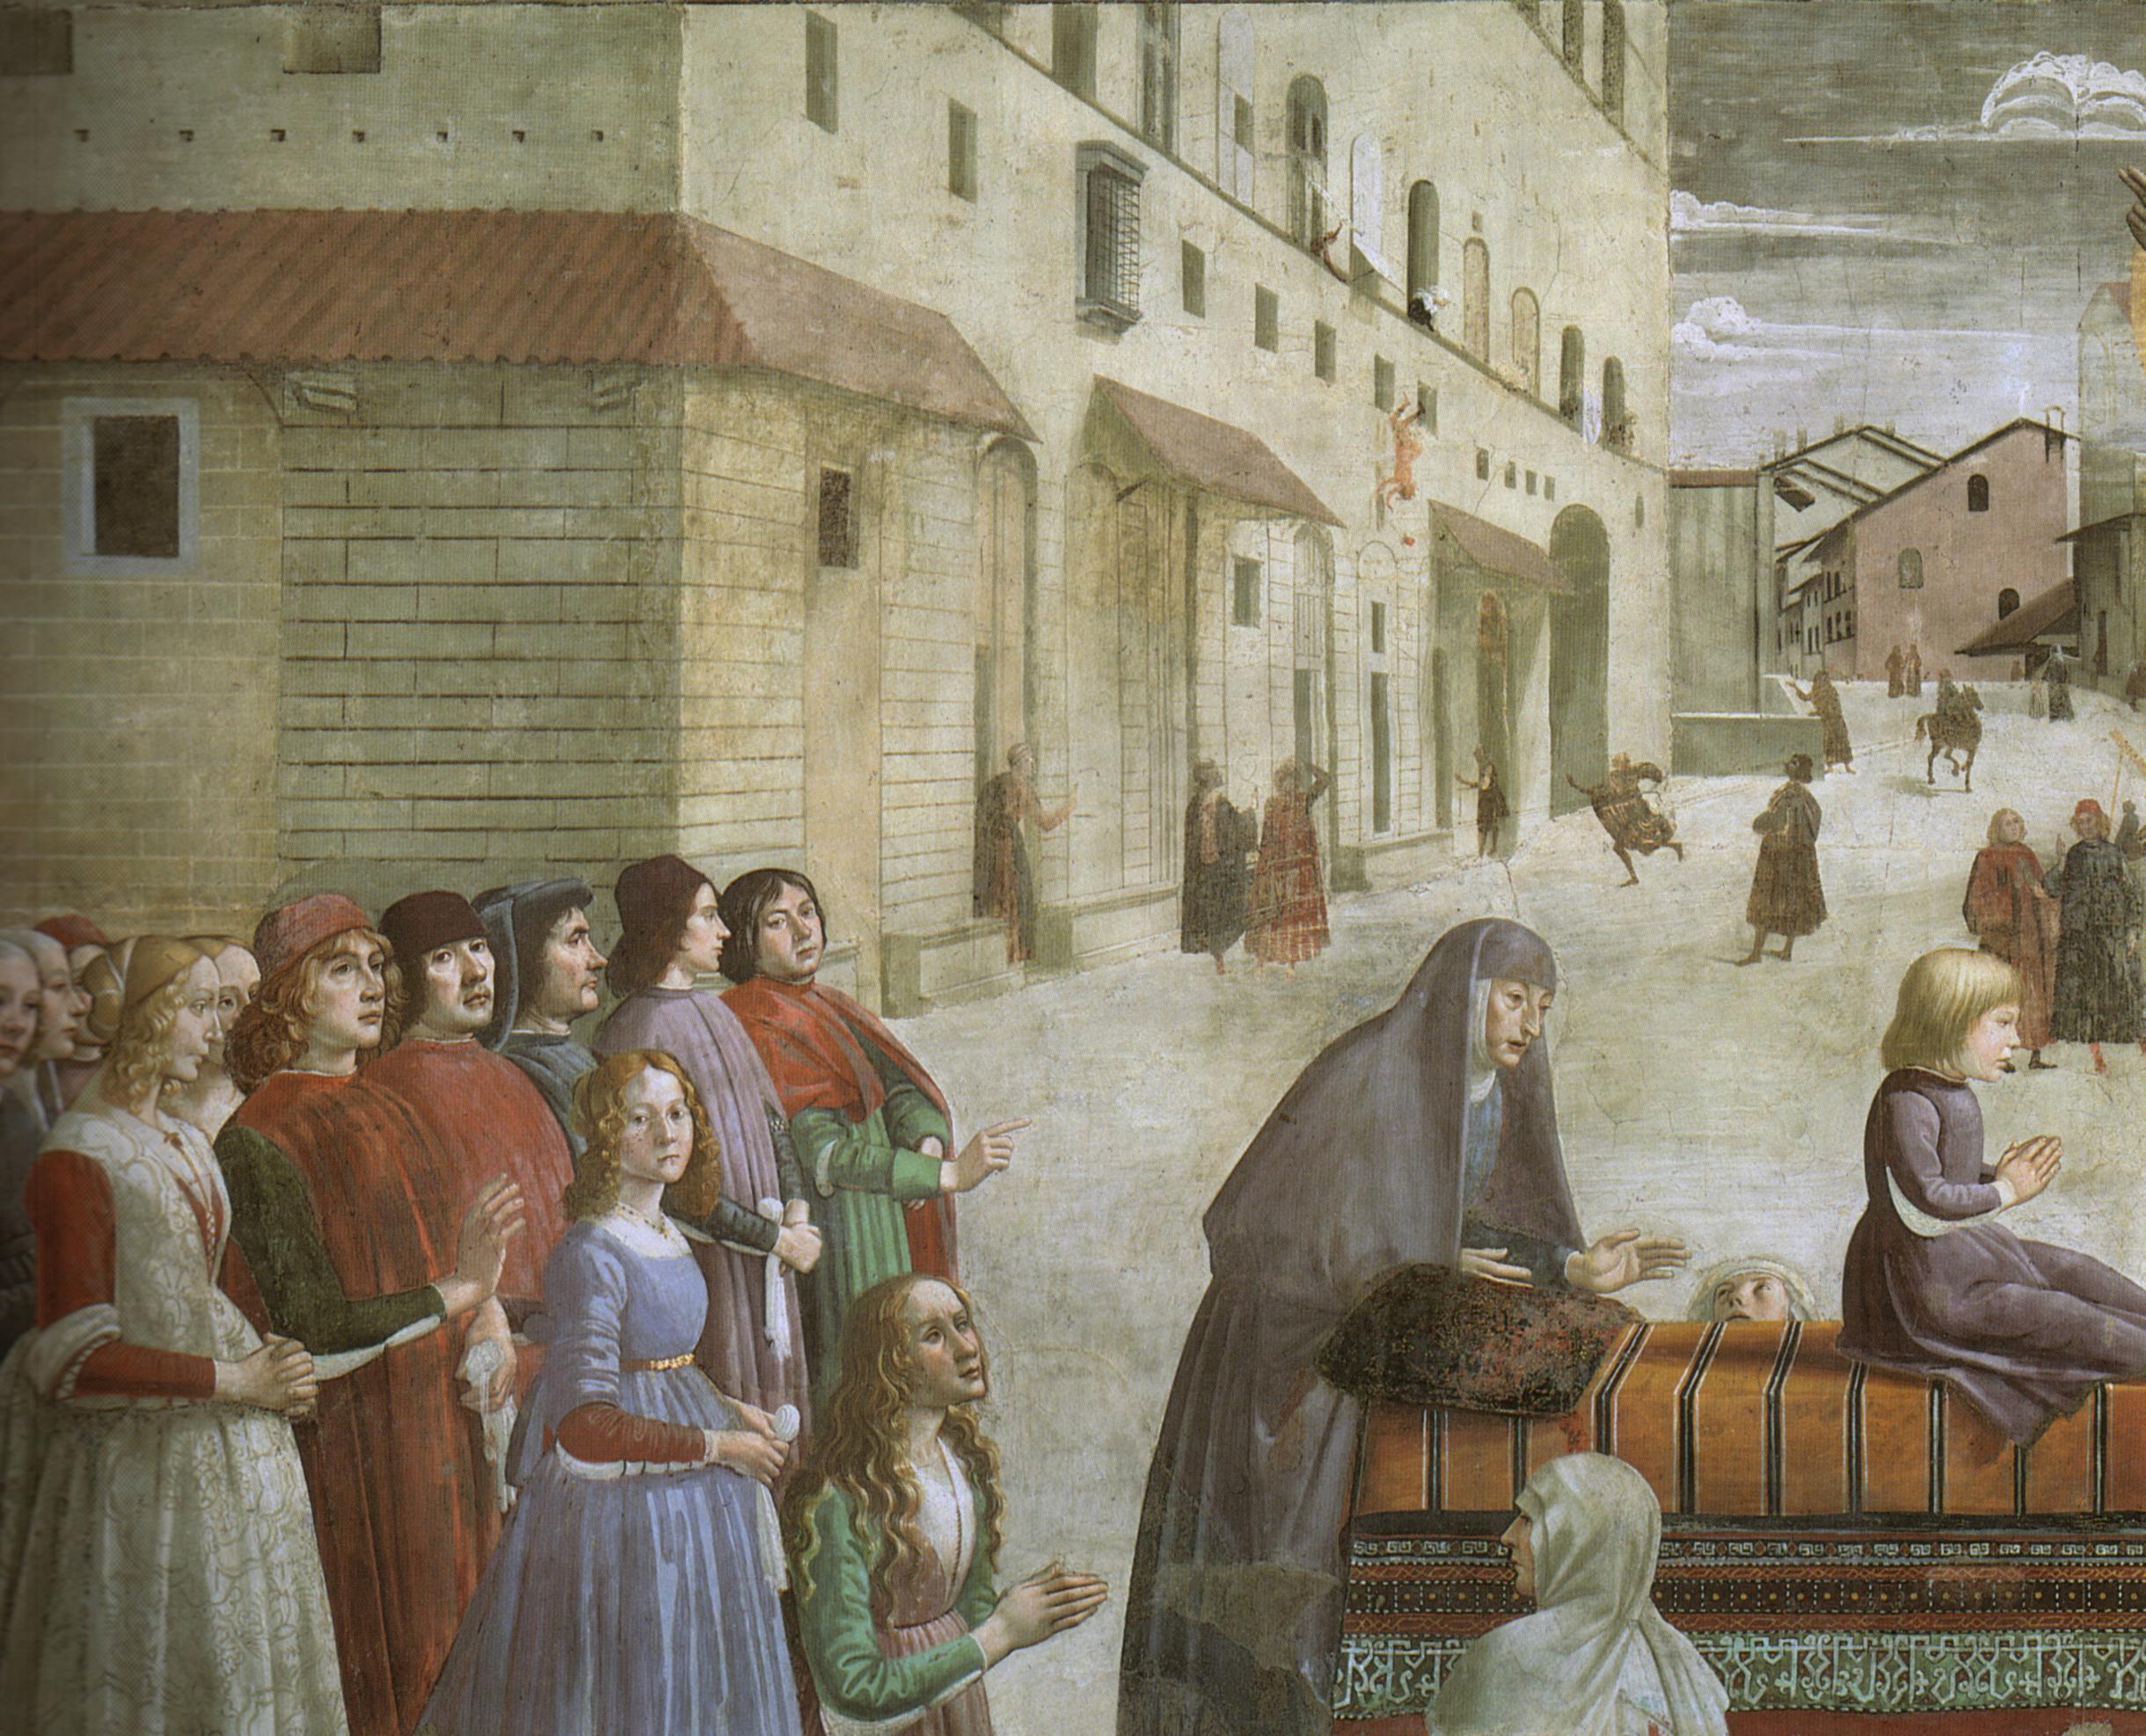 File:Domenico Ghirlandaio, Cappella Sassetti, Resurrezione del fanciullo,  dettaglio 2, 1485